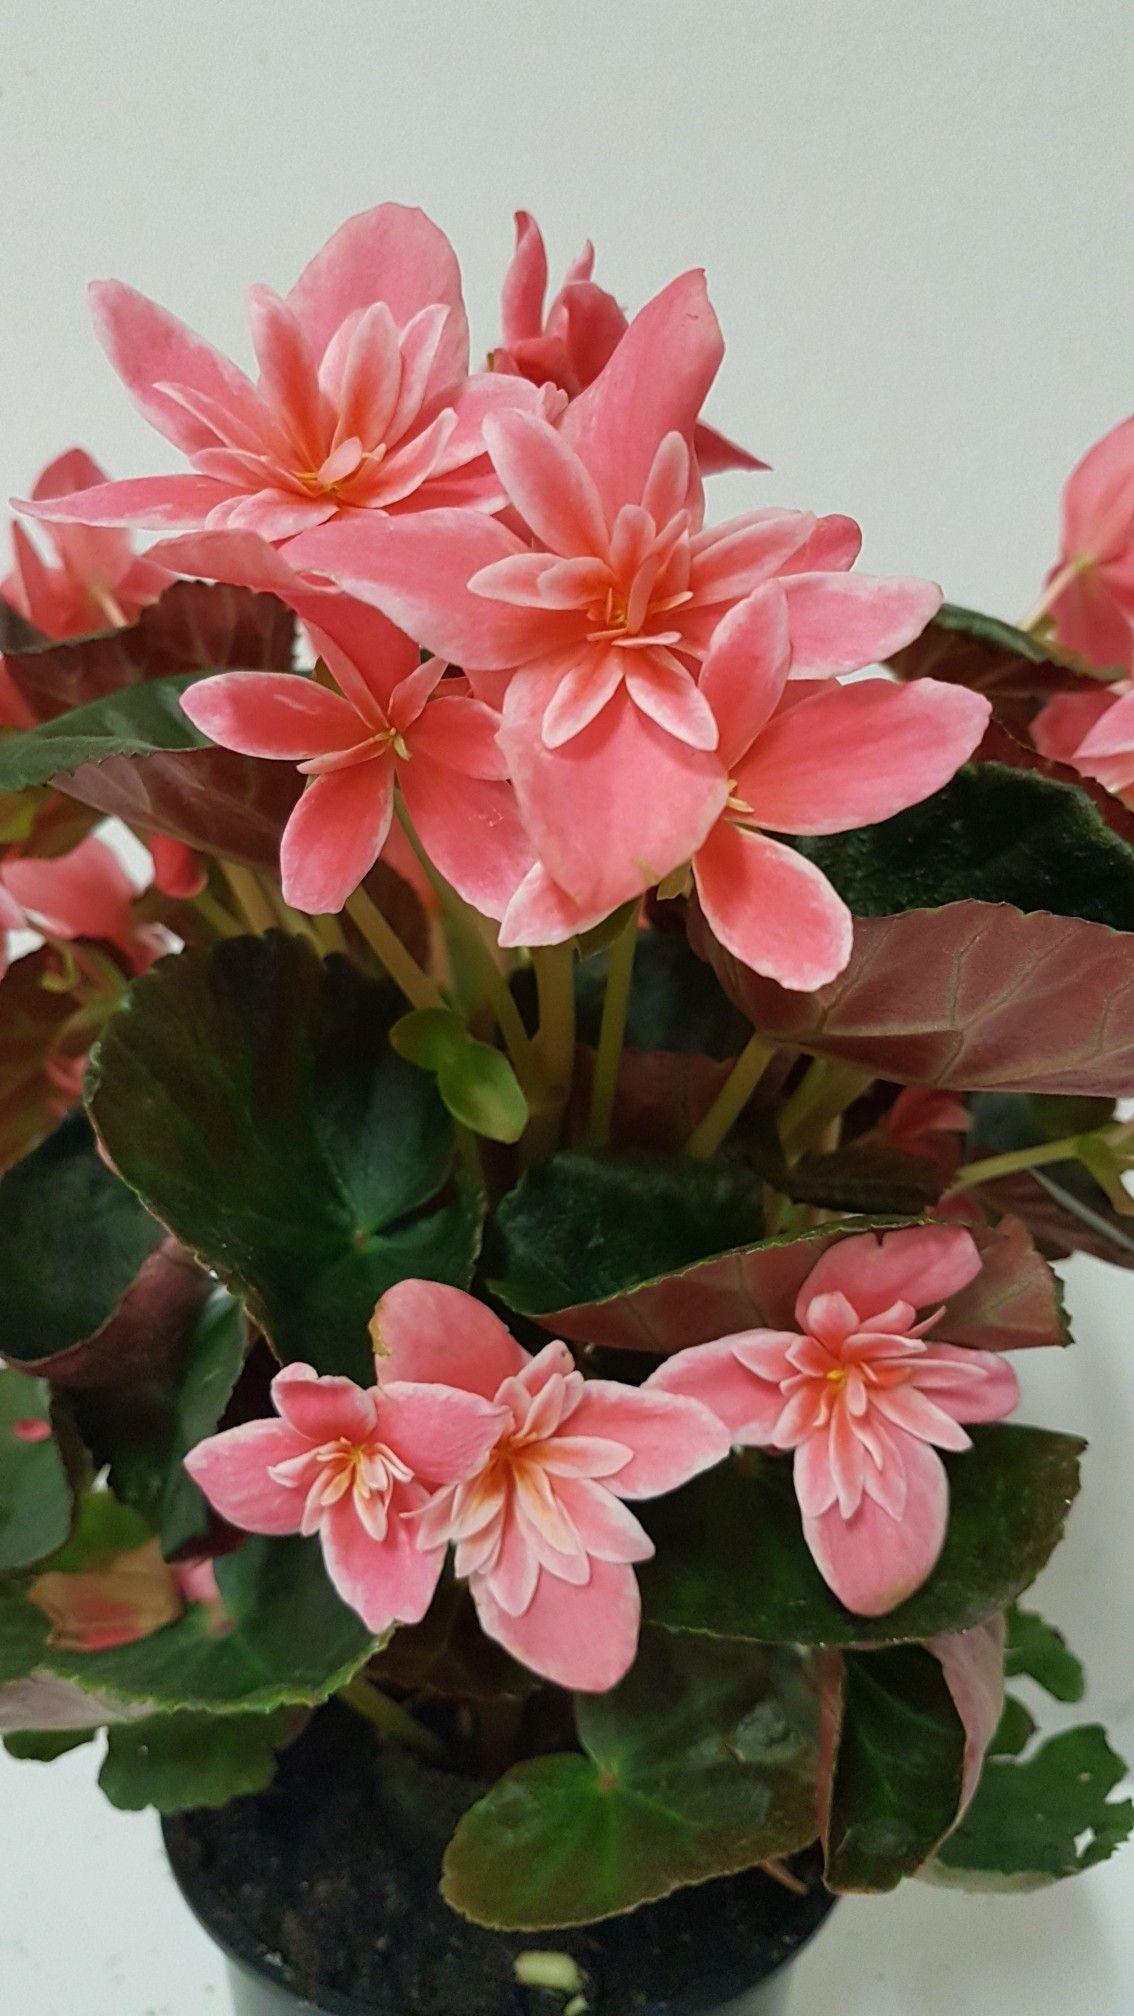 Begonia Elatior Ceveca Rose Begonias